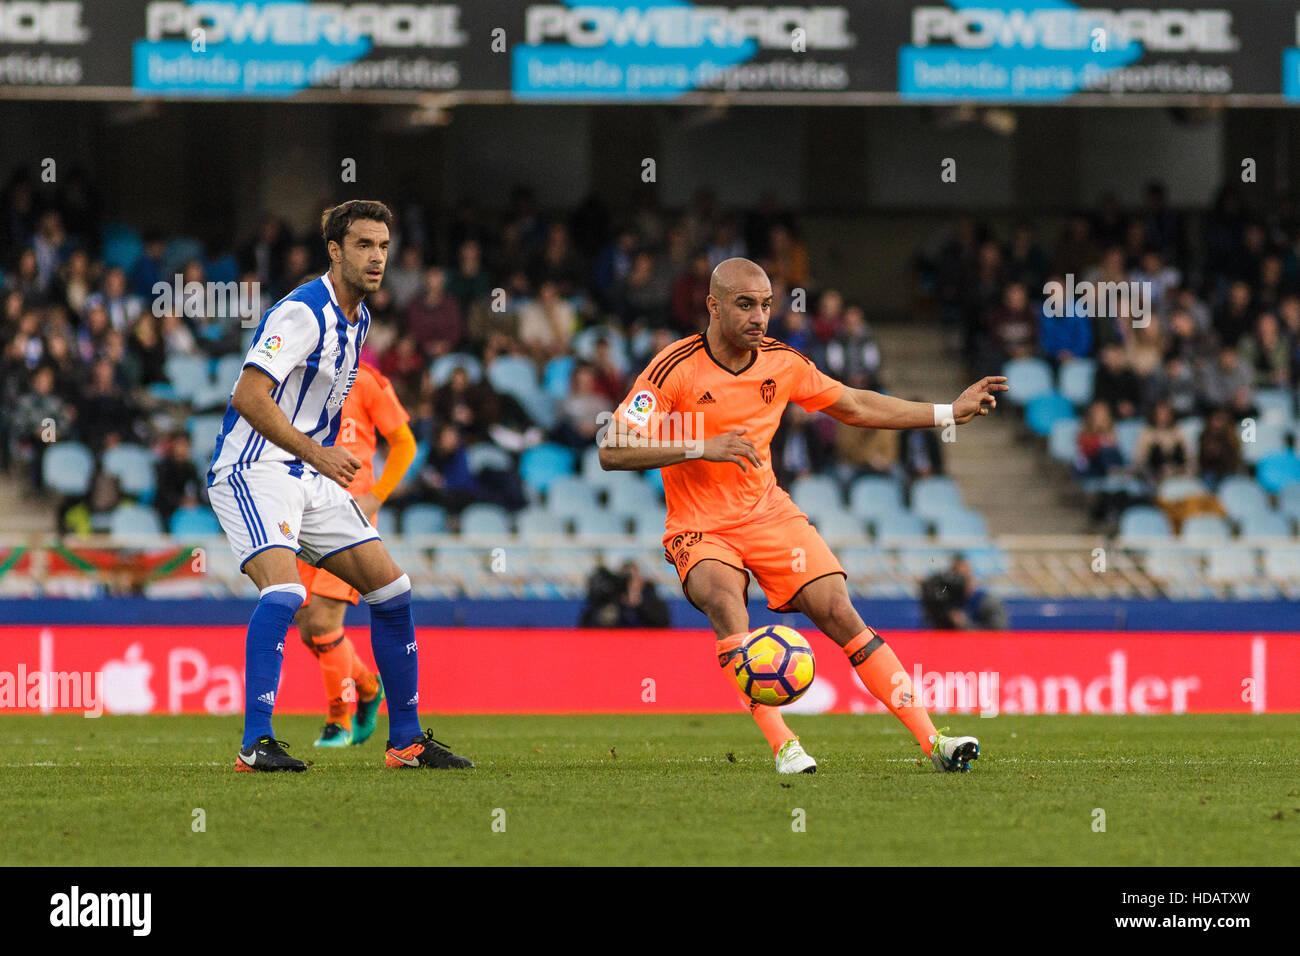 San Sebastian, Gipuzcoa, Spain. 10th December, 2016. Valencia defender Abdennour passing the ball during the Liga - Stock Image